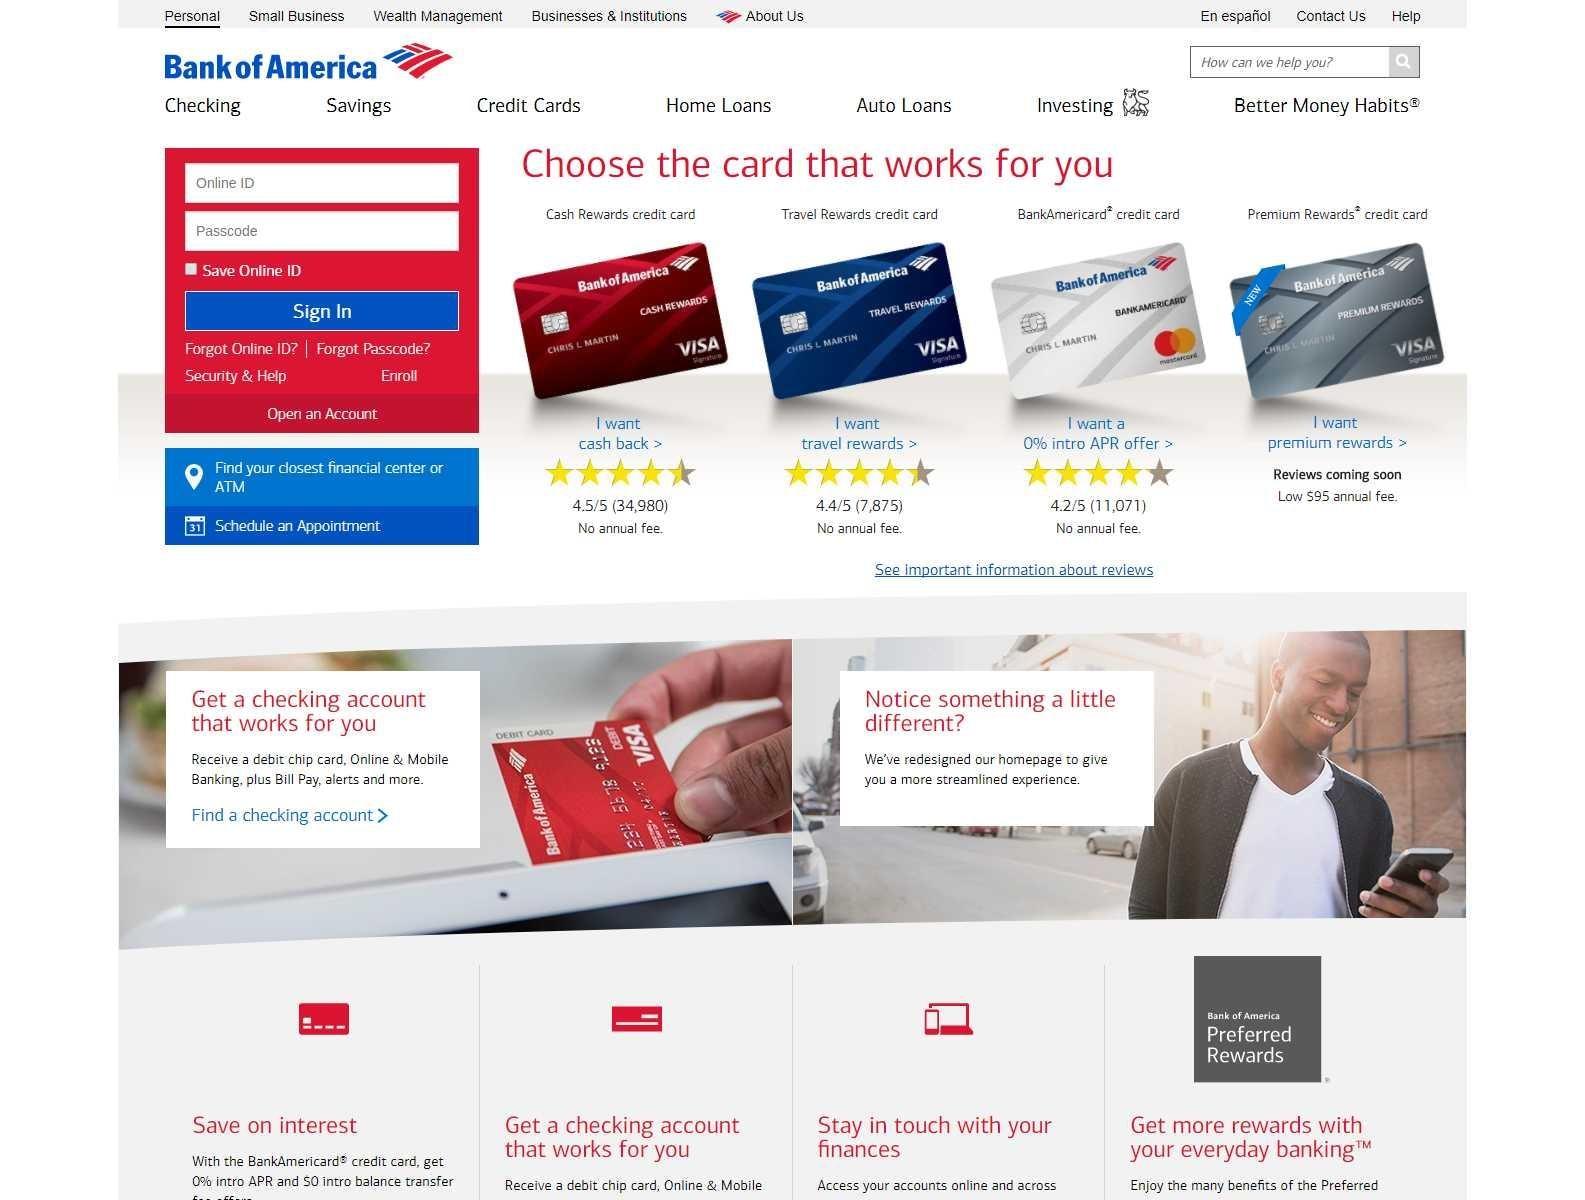 図4. 銀行サイトを模したフィッシングサイト